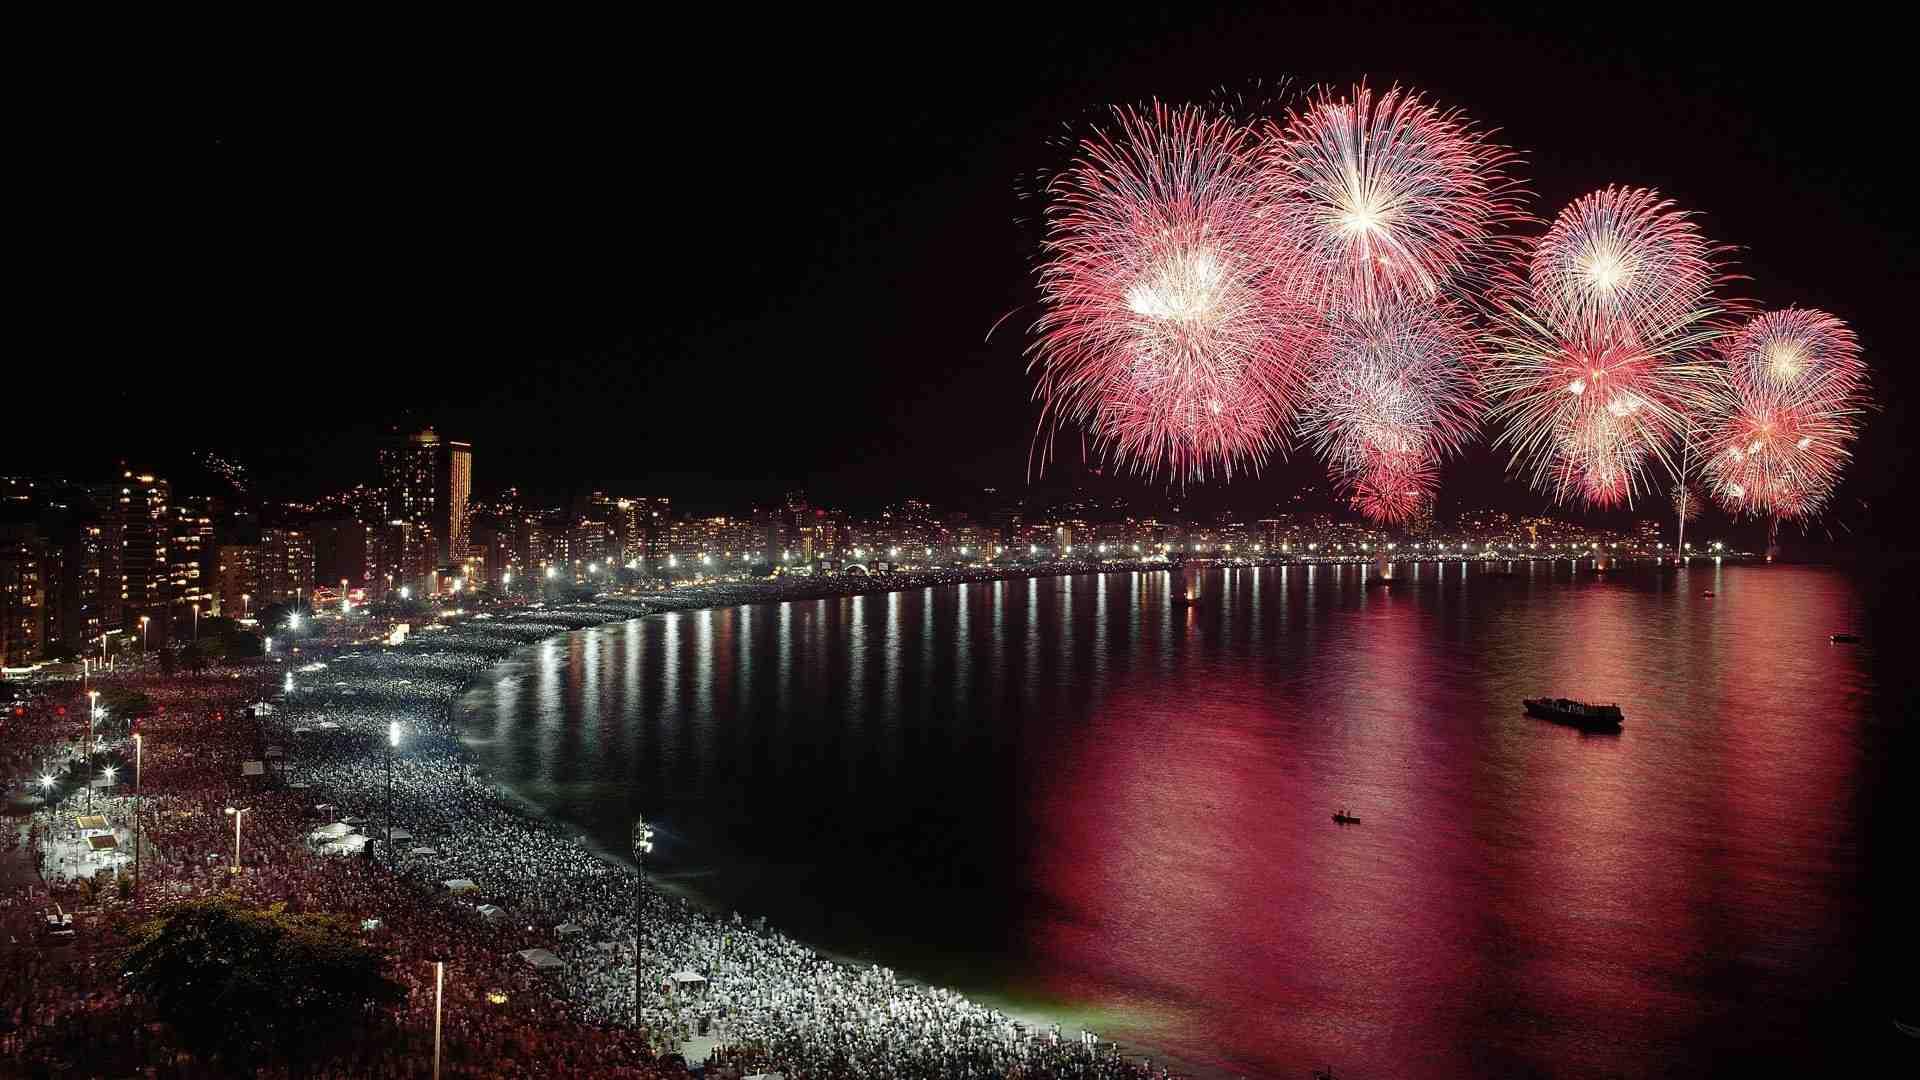 Fireworks at Longview Lake